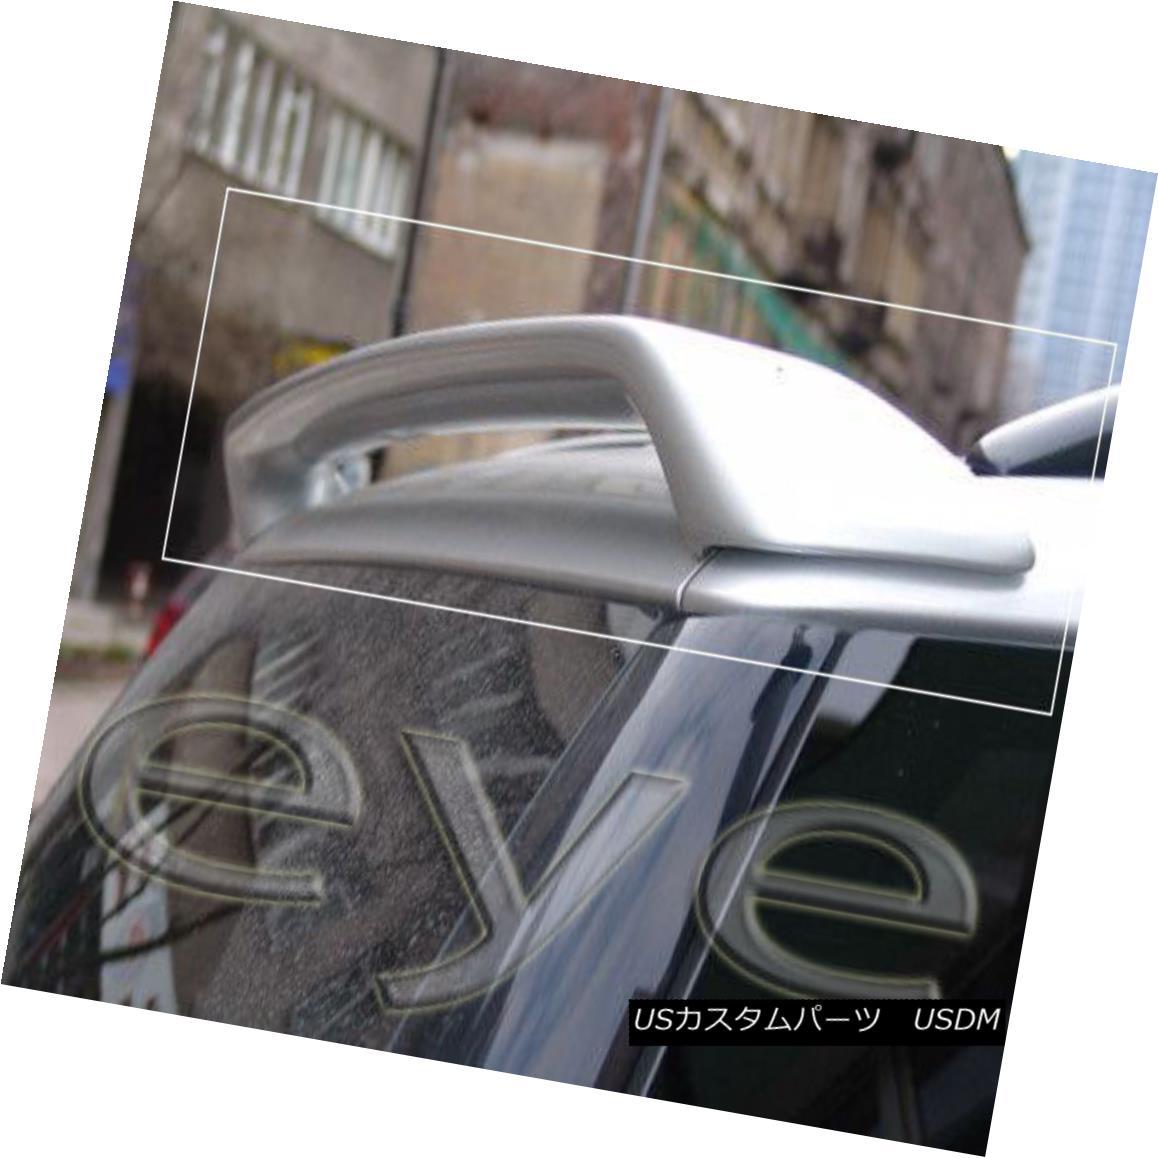 エアロパーツ Mercedes ML W163 ( 1998-2005 ) REAR ROOF SPOILER BOOT / TRUNK / TAILGATE メルセデスML W163(1998-2005)リアルーフスポイラーブーツ/トランク/テールゲート